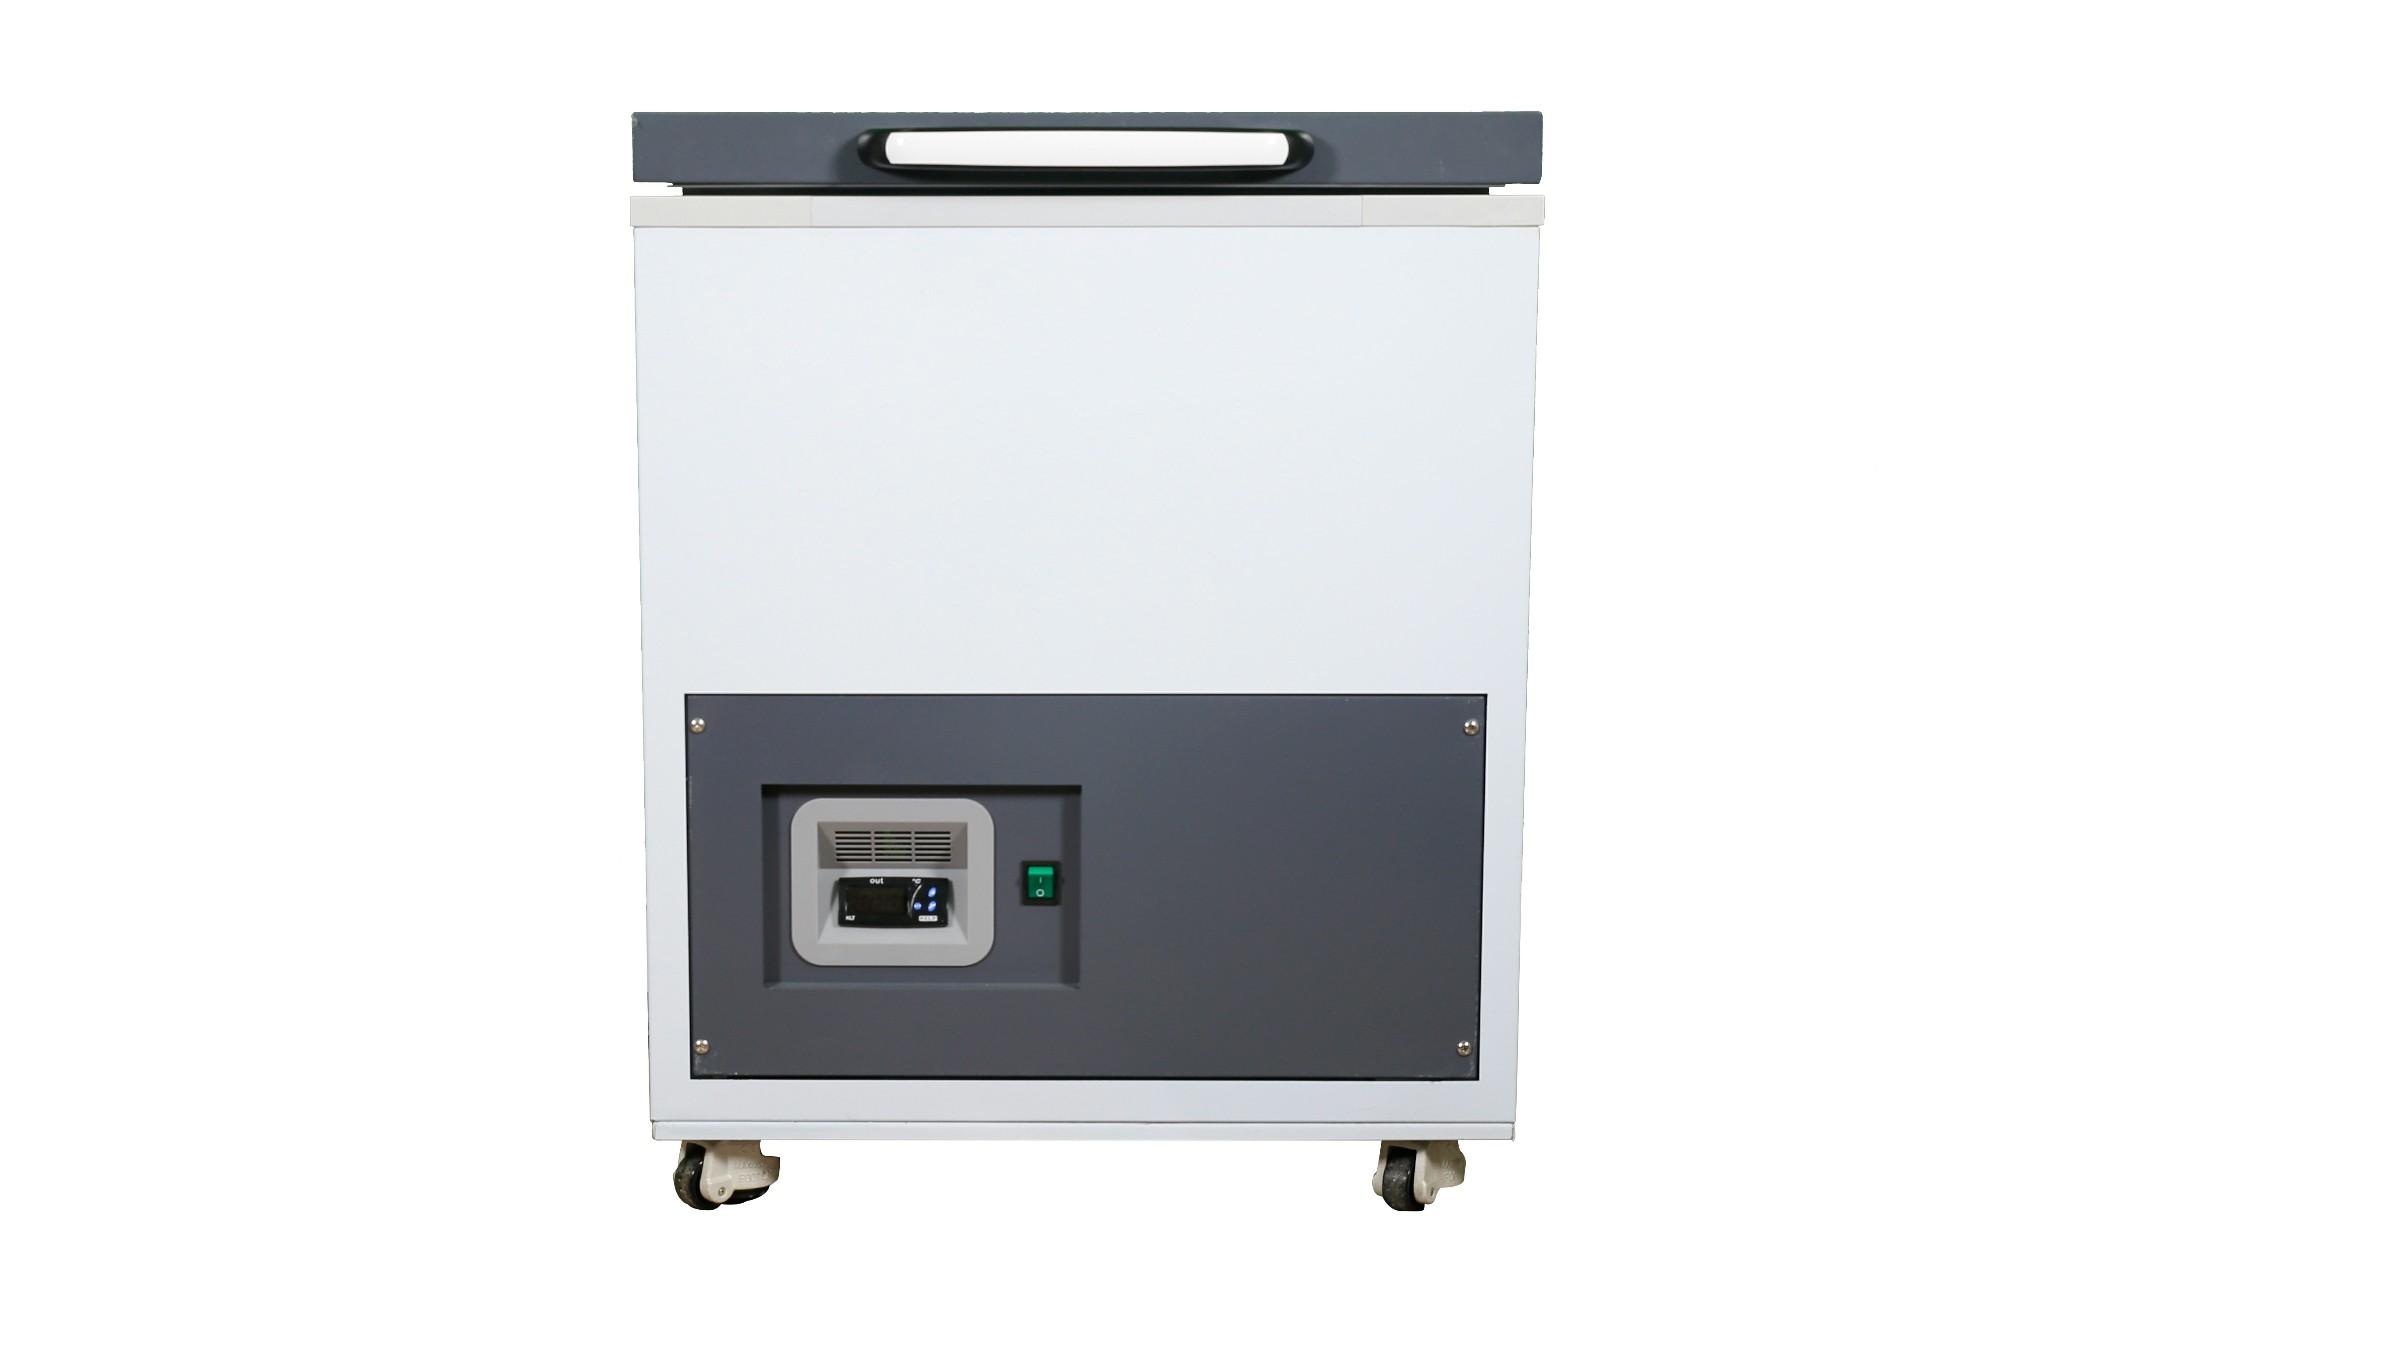 优惠的冰箱|展望兴科技物超所值的-180度环保型冷冻机出售